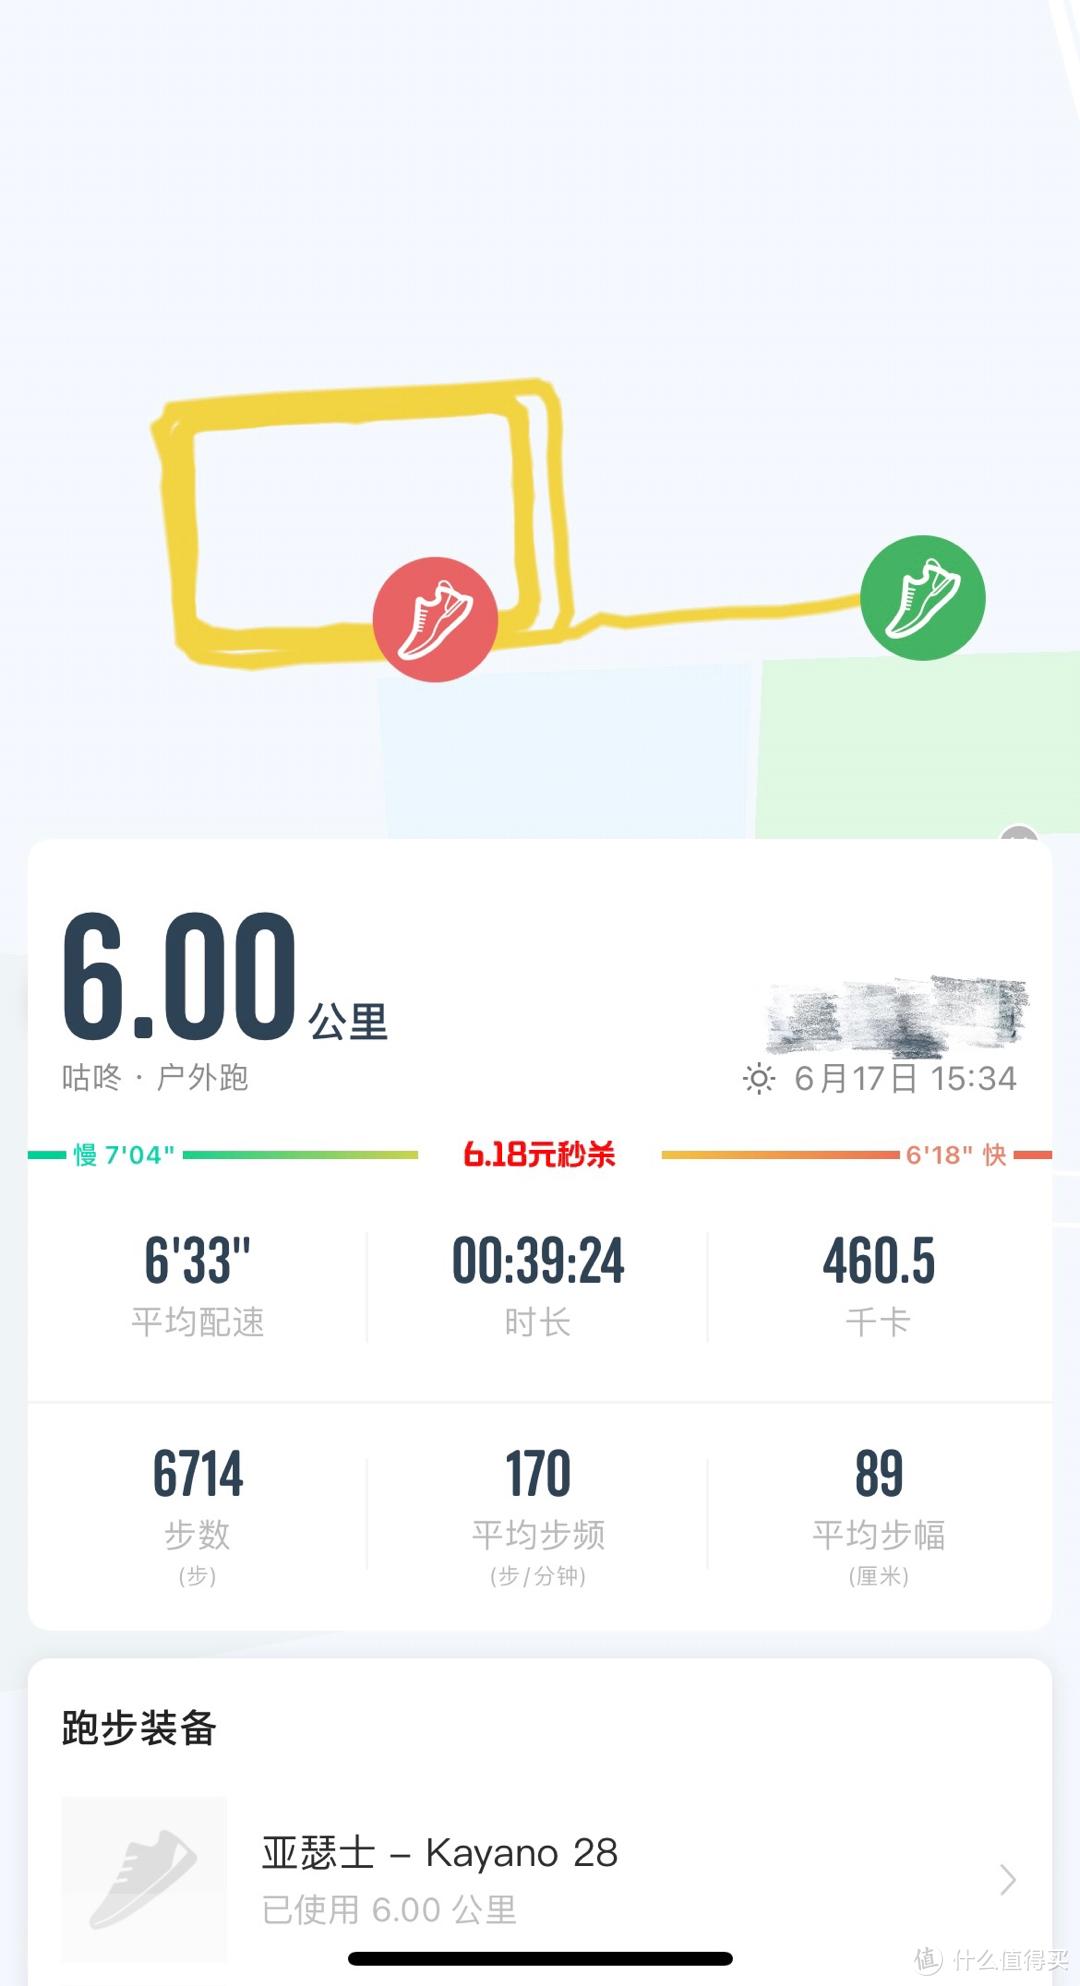 Kayano28(黑武士)开箱轻测